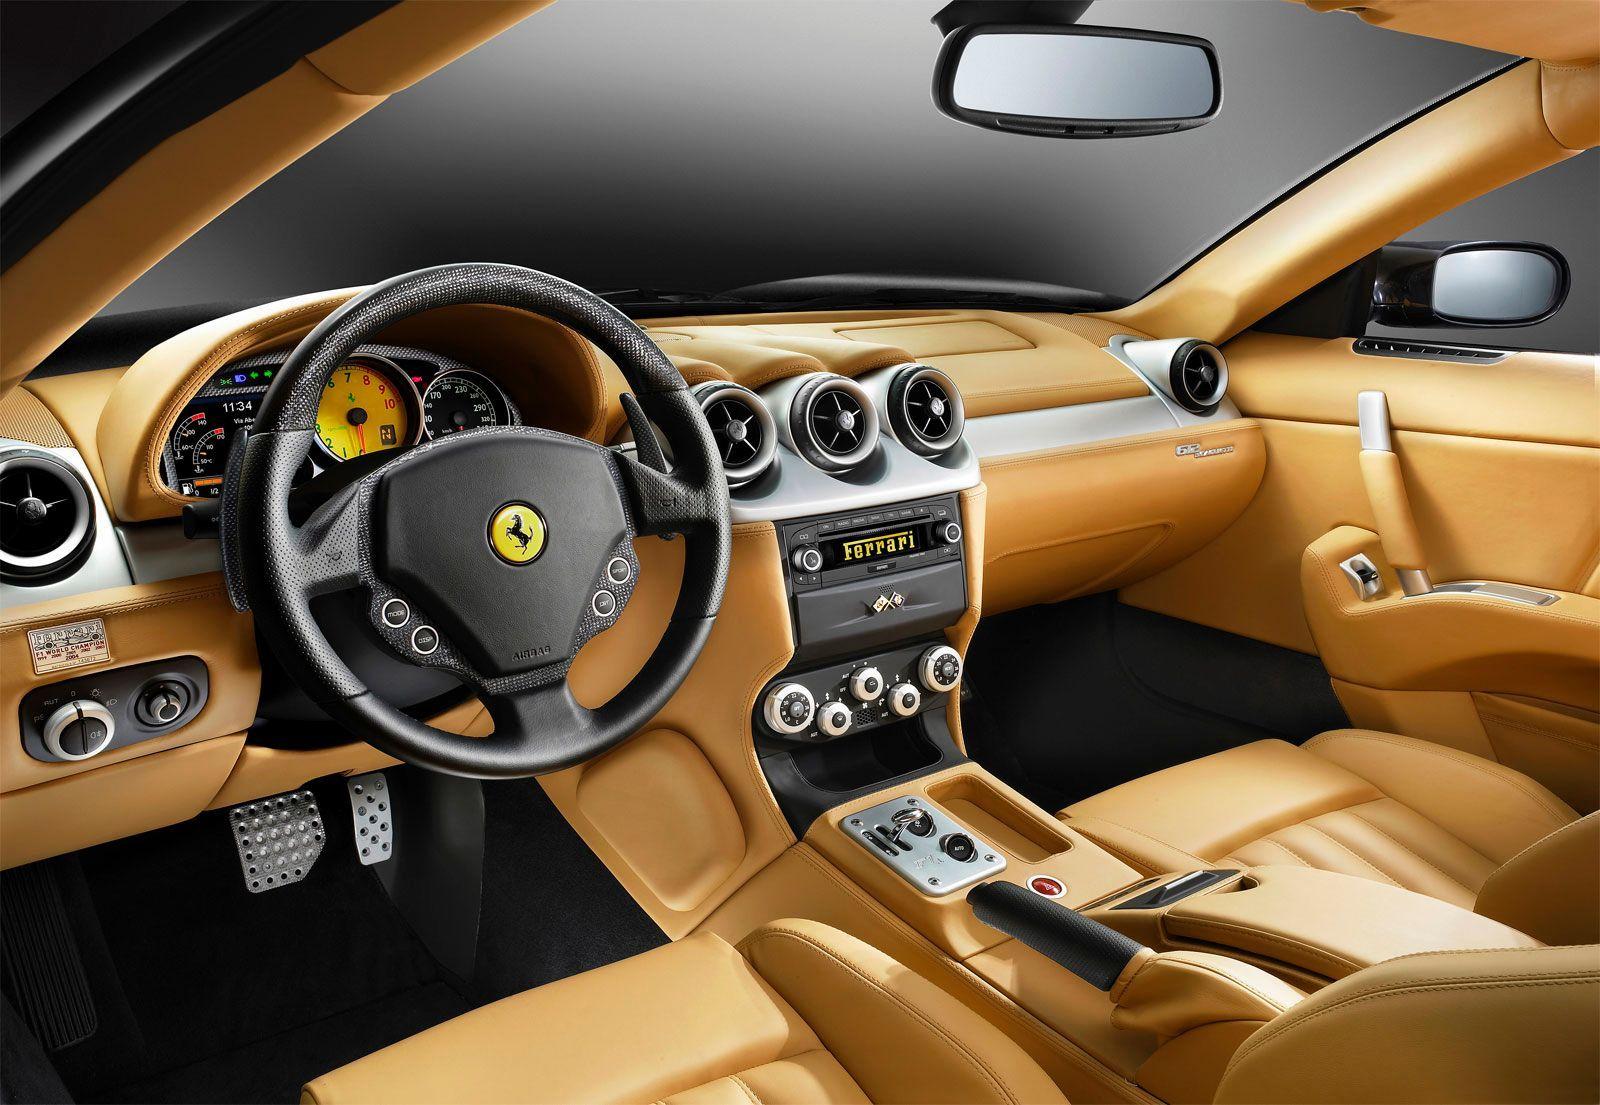 Best Interior Cars | Top 50 Luxury Car Interior Designs